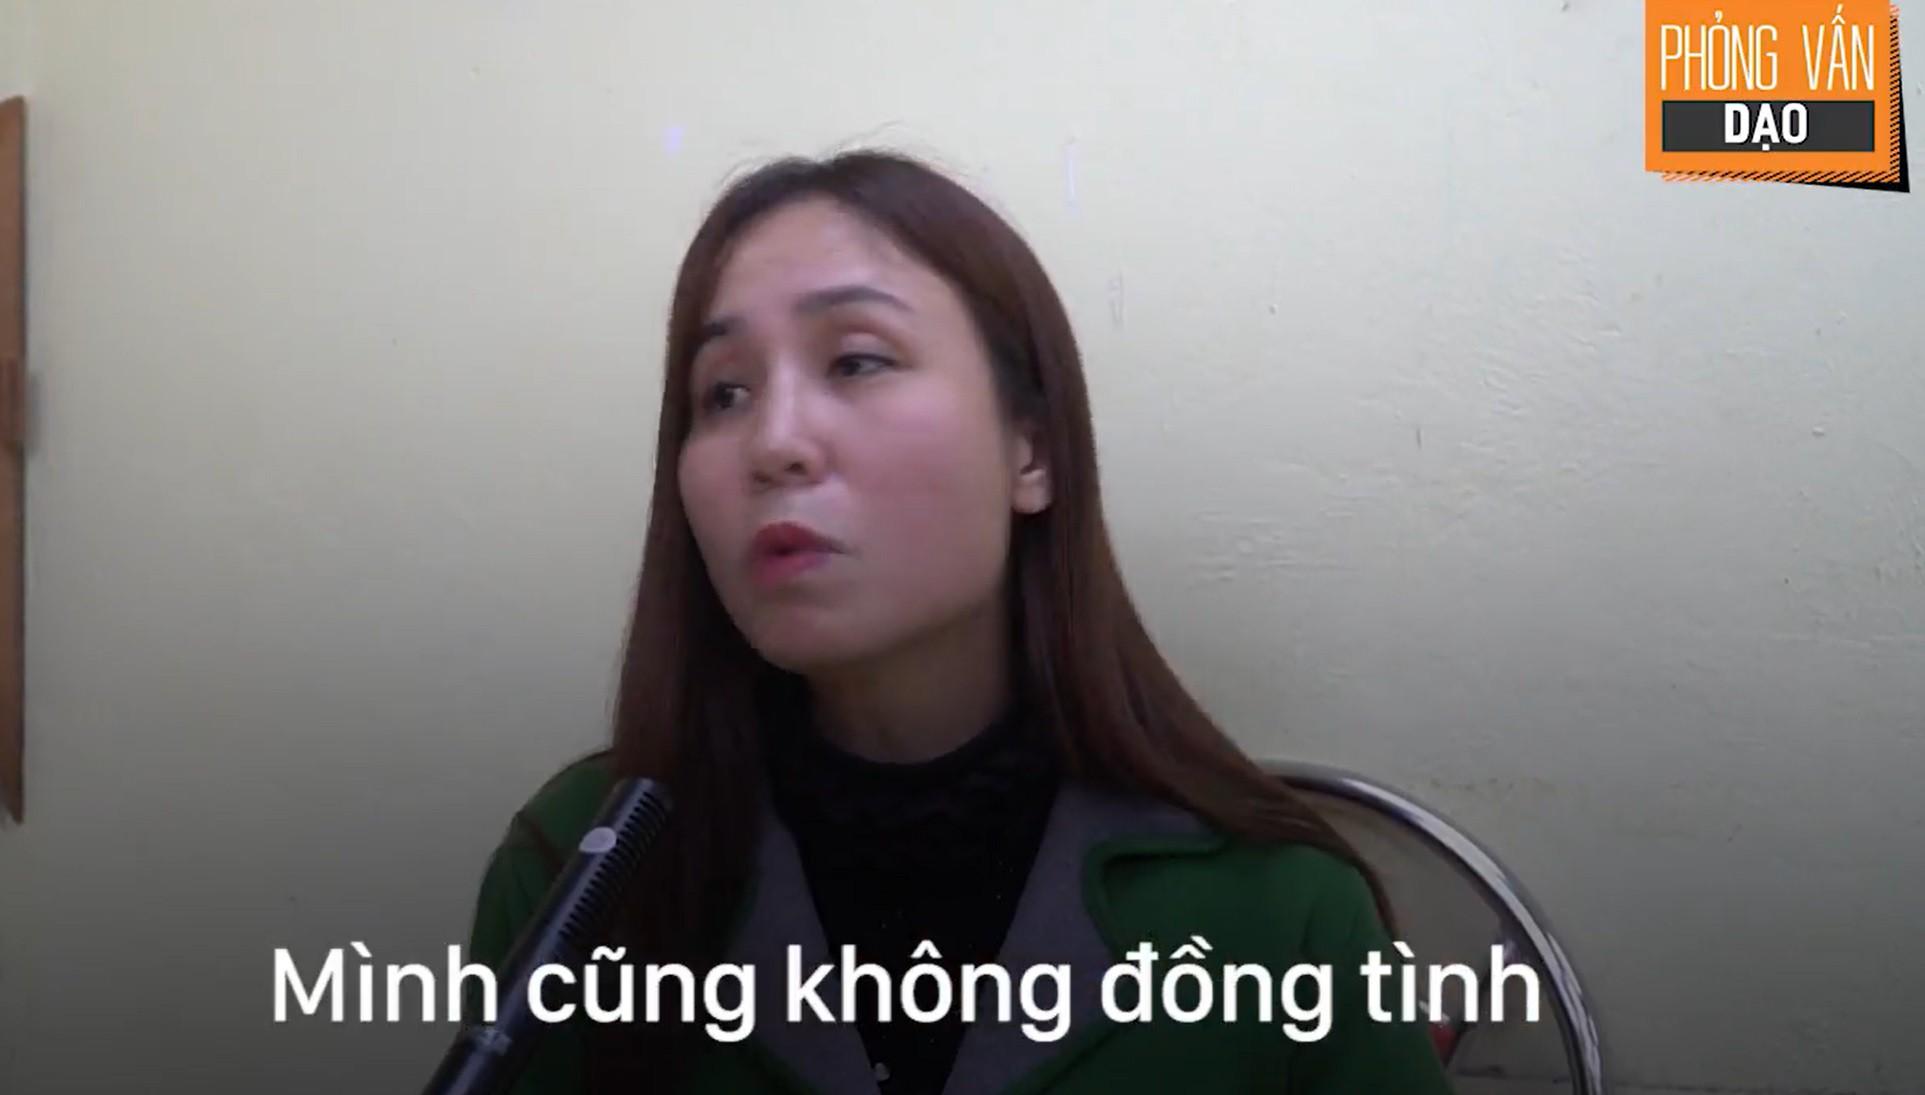 Phỏng vấn dạo: Bạn nghĩ gì khi Chí Phèo có thể sẽ biến mất khỏi SGK Ngữ Văn 11? - Ảnh 9.